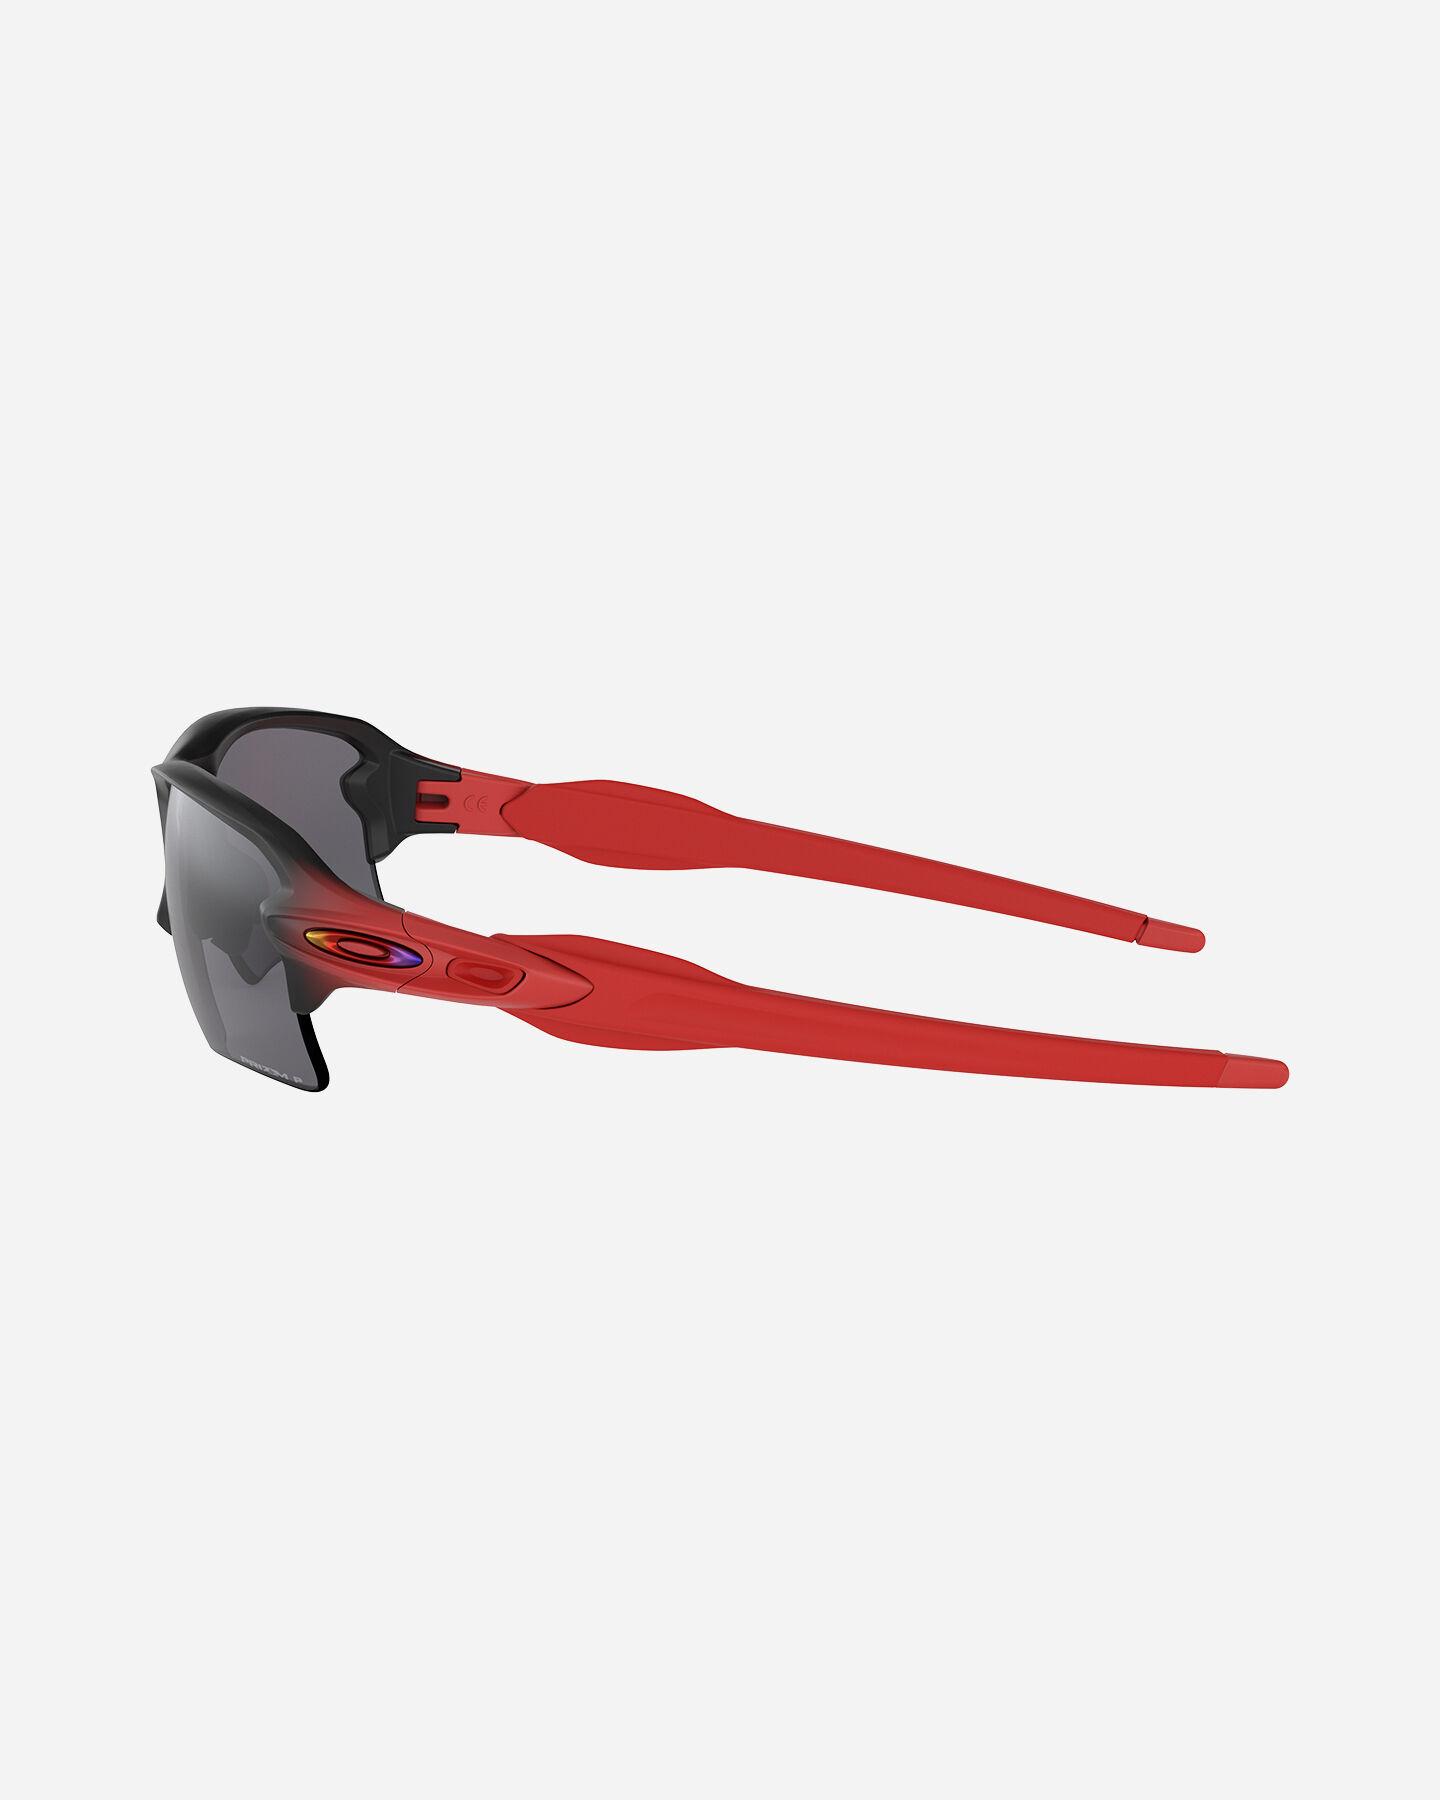 Occhiali OAKLEY FLAK 2.0 XL S5058771|8659|59 scatto 3